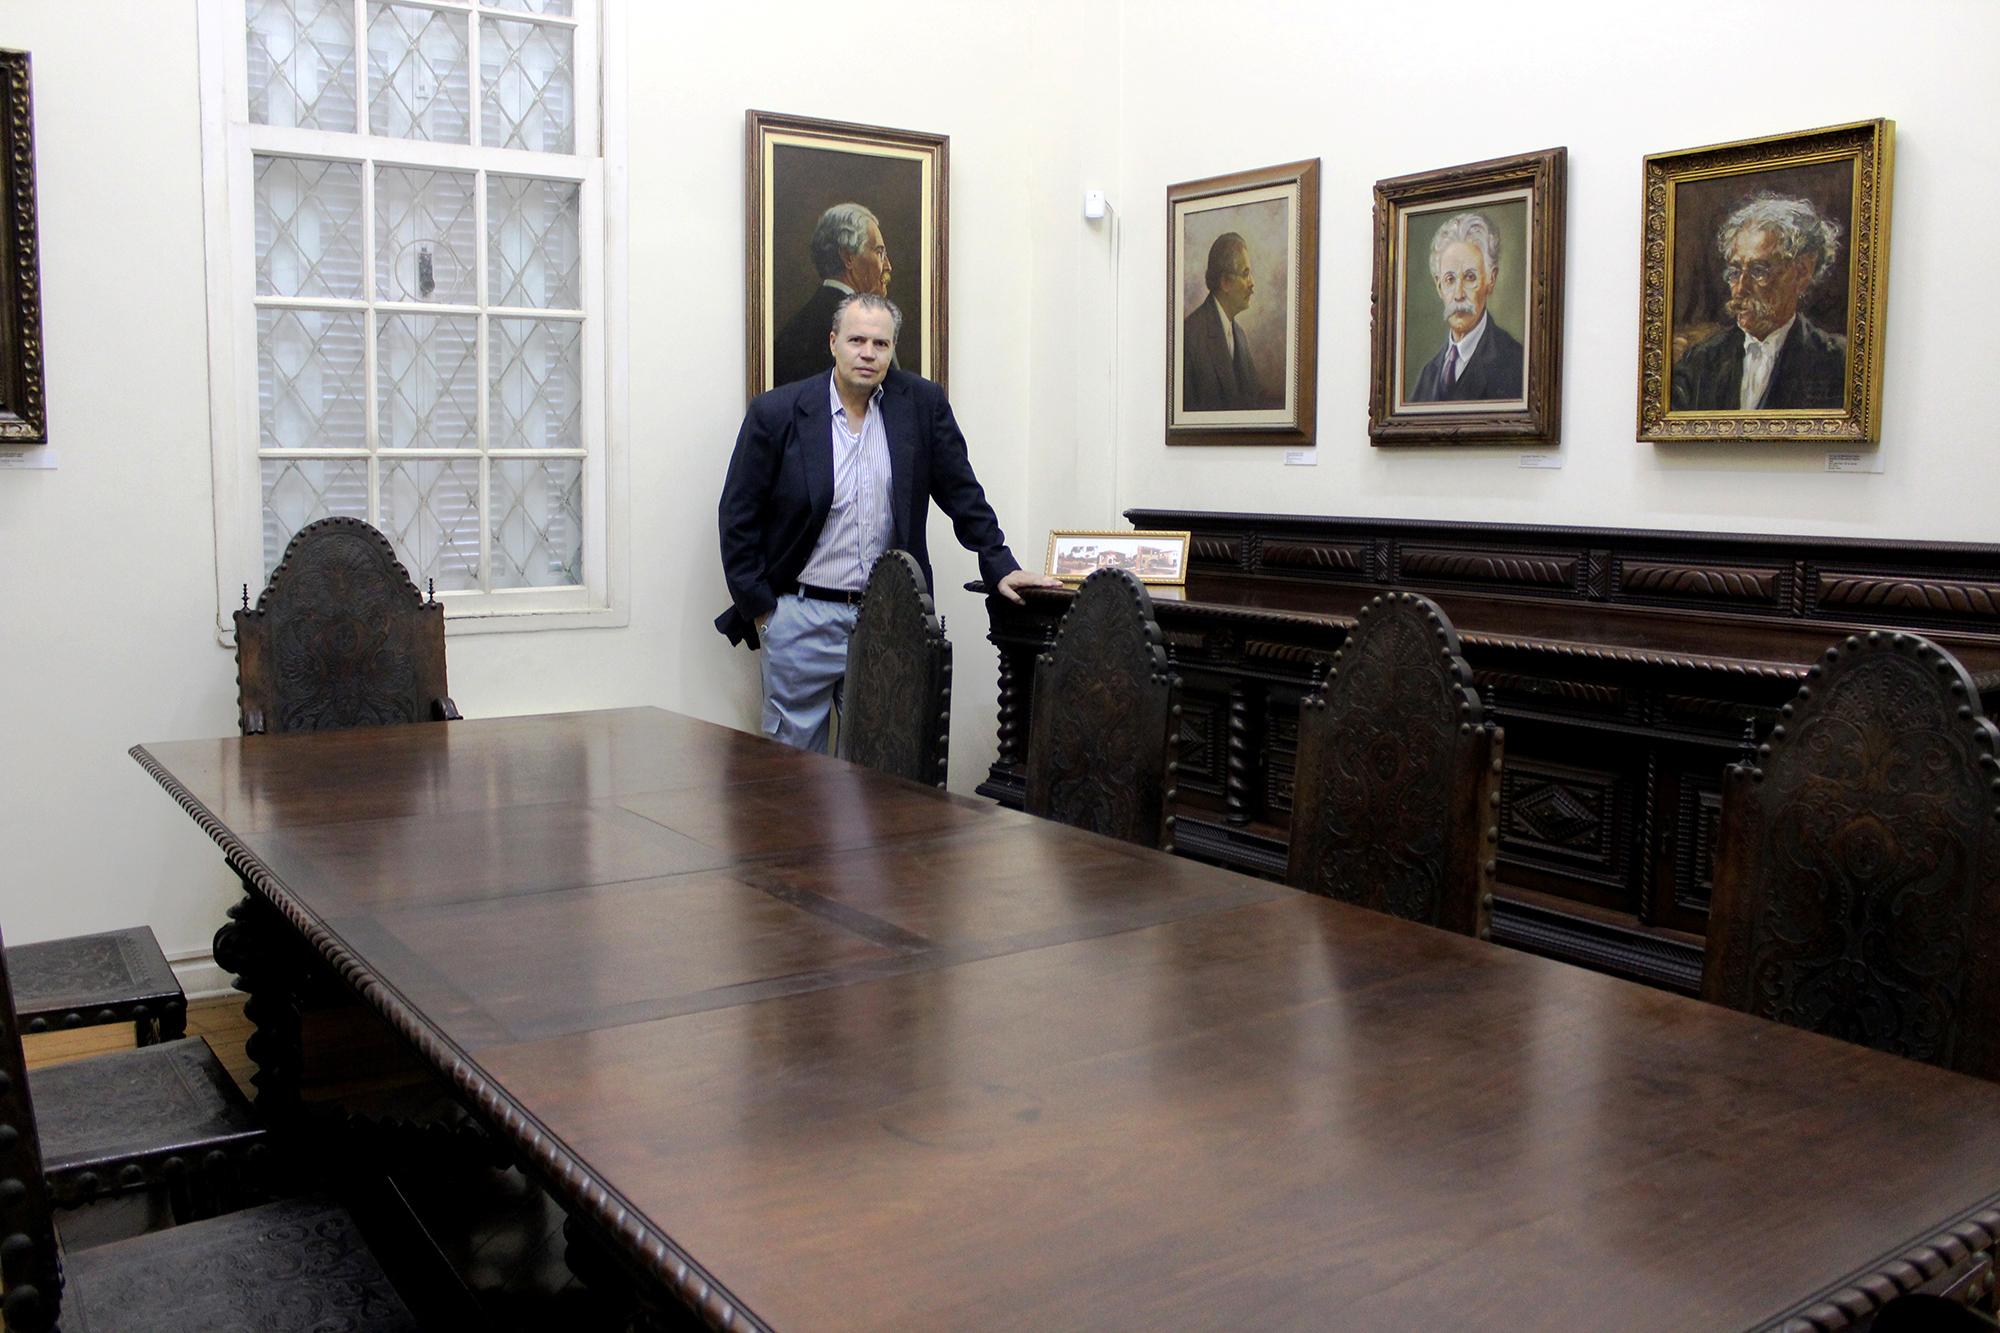 Thiago Bellegarde Patti de Souza Varela, neto de Manoel Varela, ao lado da mesa original da sala de jantar de seu avô, que foi doada para a Fundação Pinacoteca Benedito Calixto.